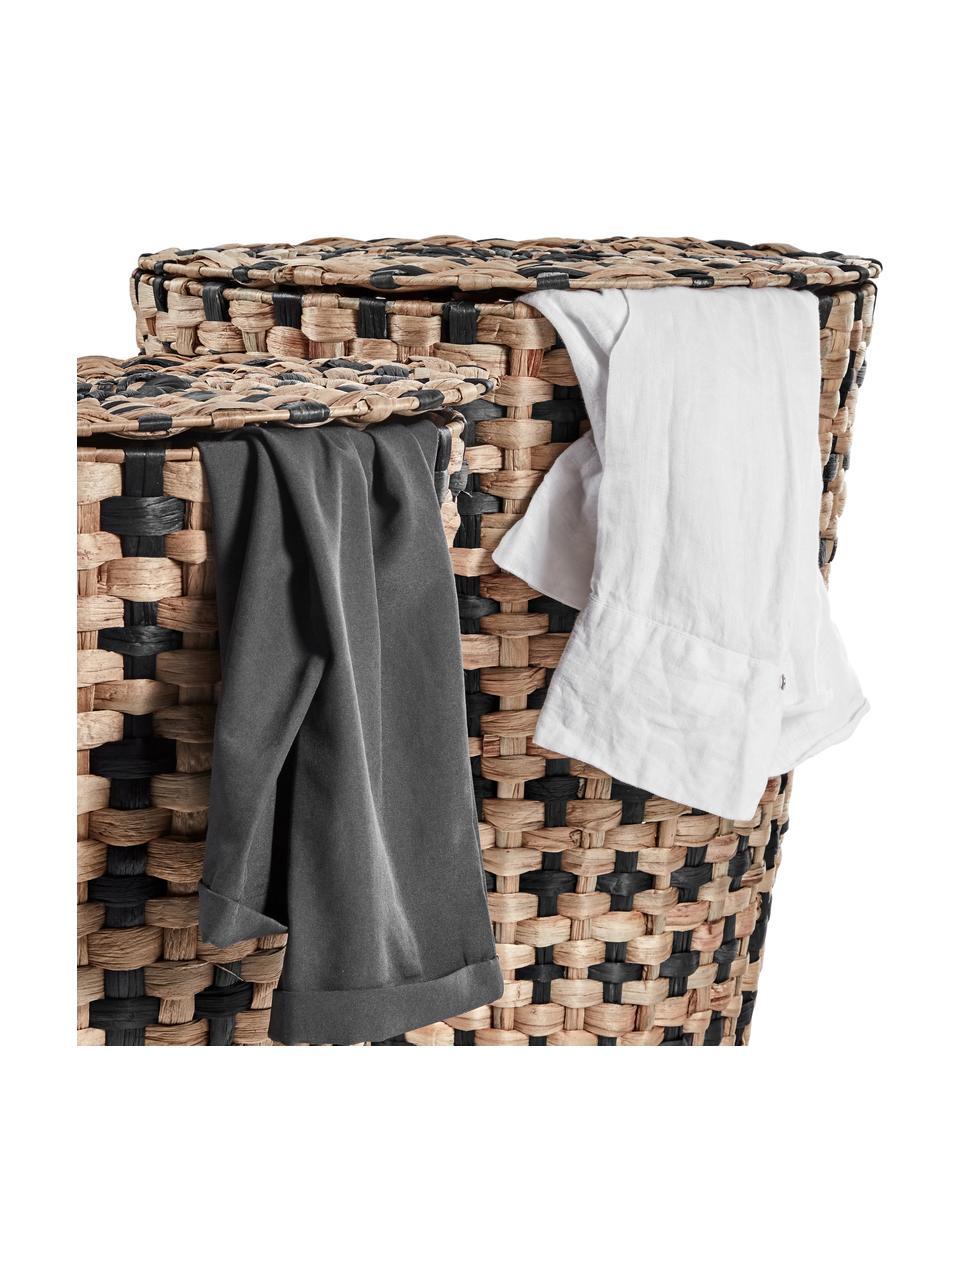 Sada prádelních košů Cumberland, 2 díly, Hnědá, černá